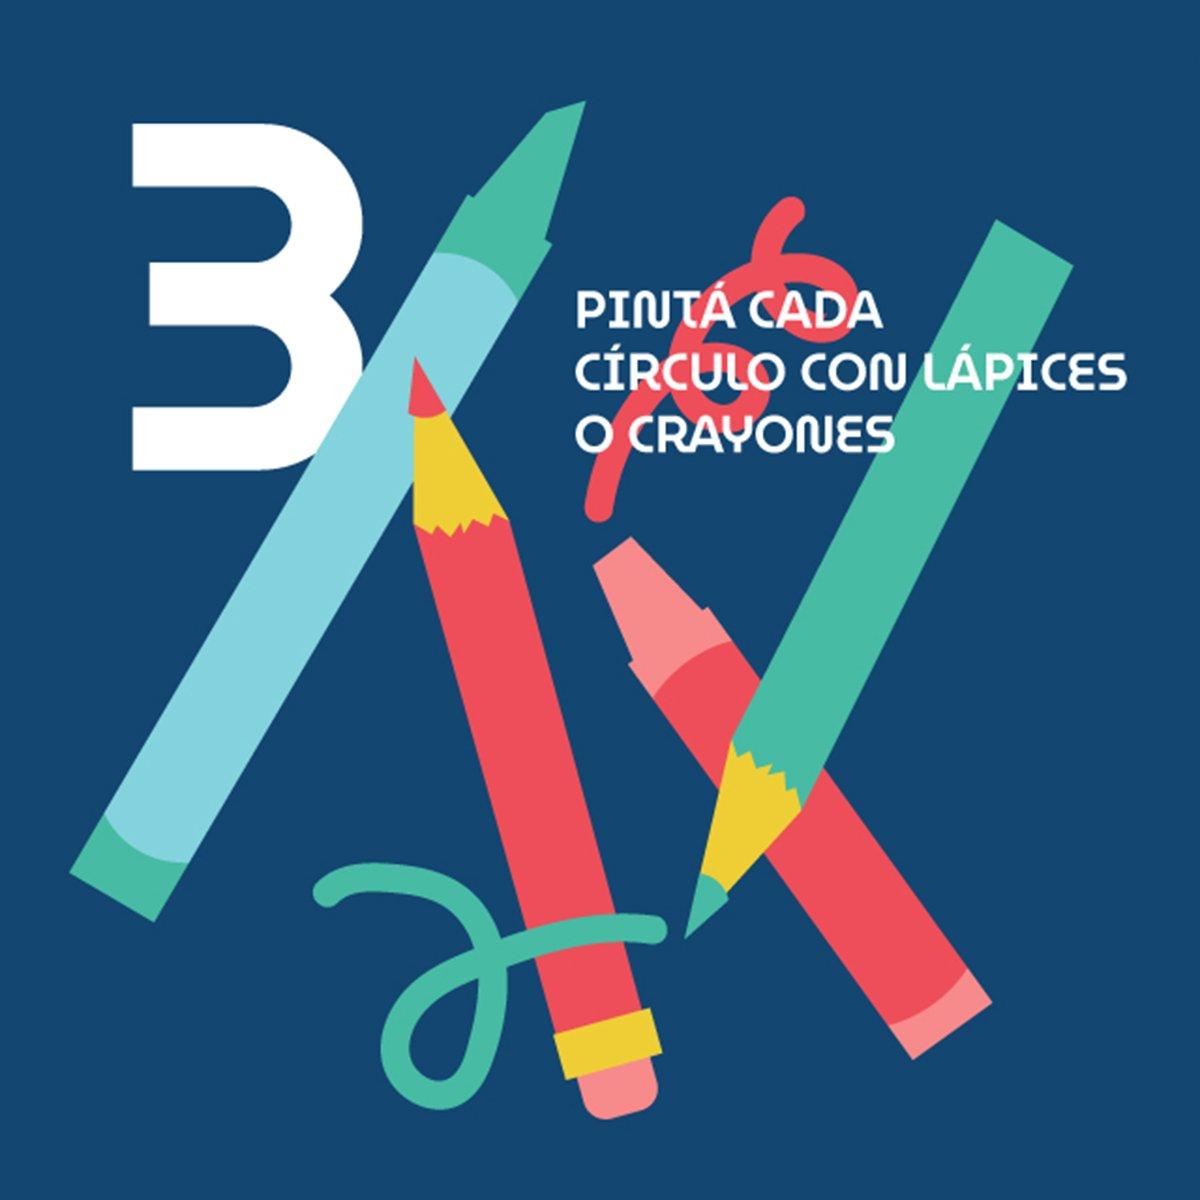 🎉 MuseoModerno in use: 😍 Museo de Arte Moderno de Buenos Aires. 🌈Graphic Design: Maylén Leita 🇦🇷 More info:  #TypefaceDesign #Custom #ModernArt #Illustration #VisualDesign #CorporateDesign